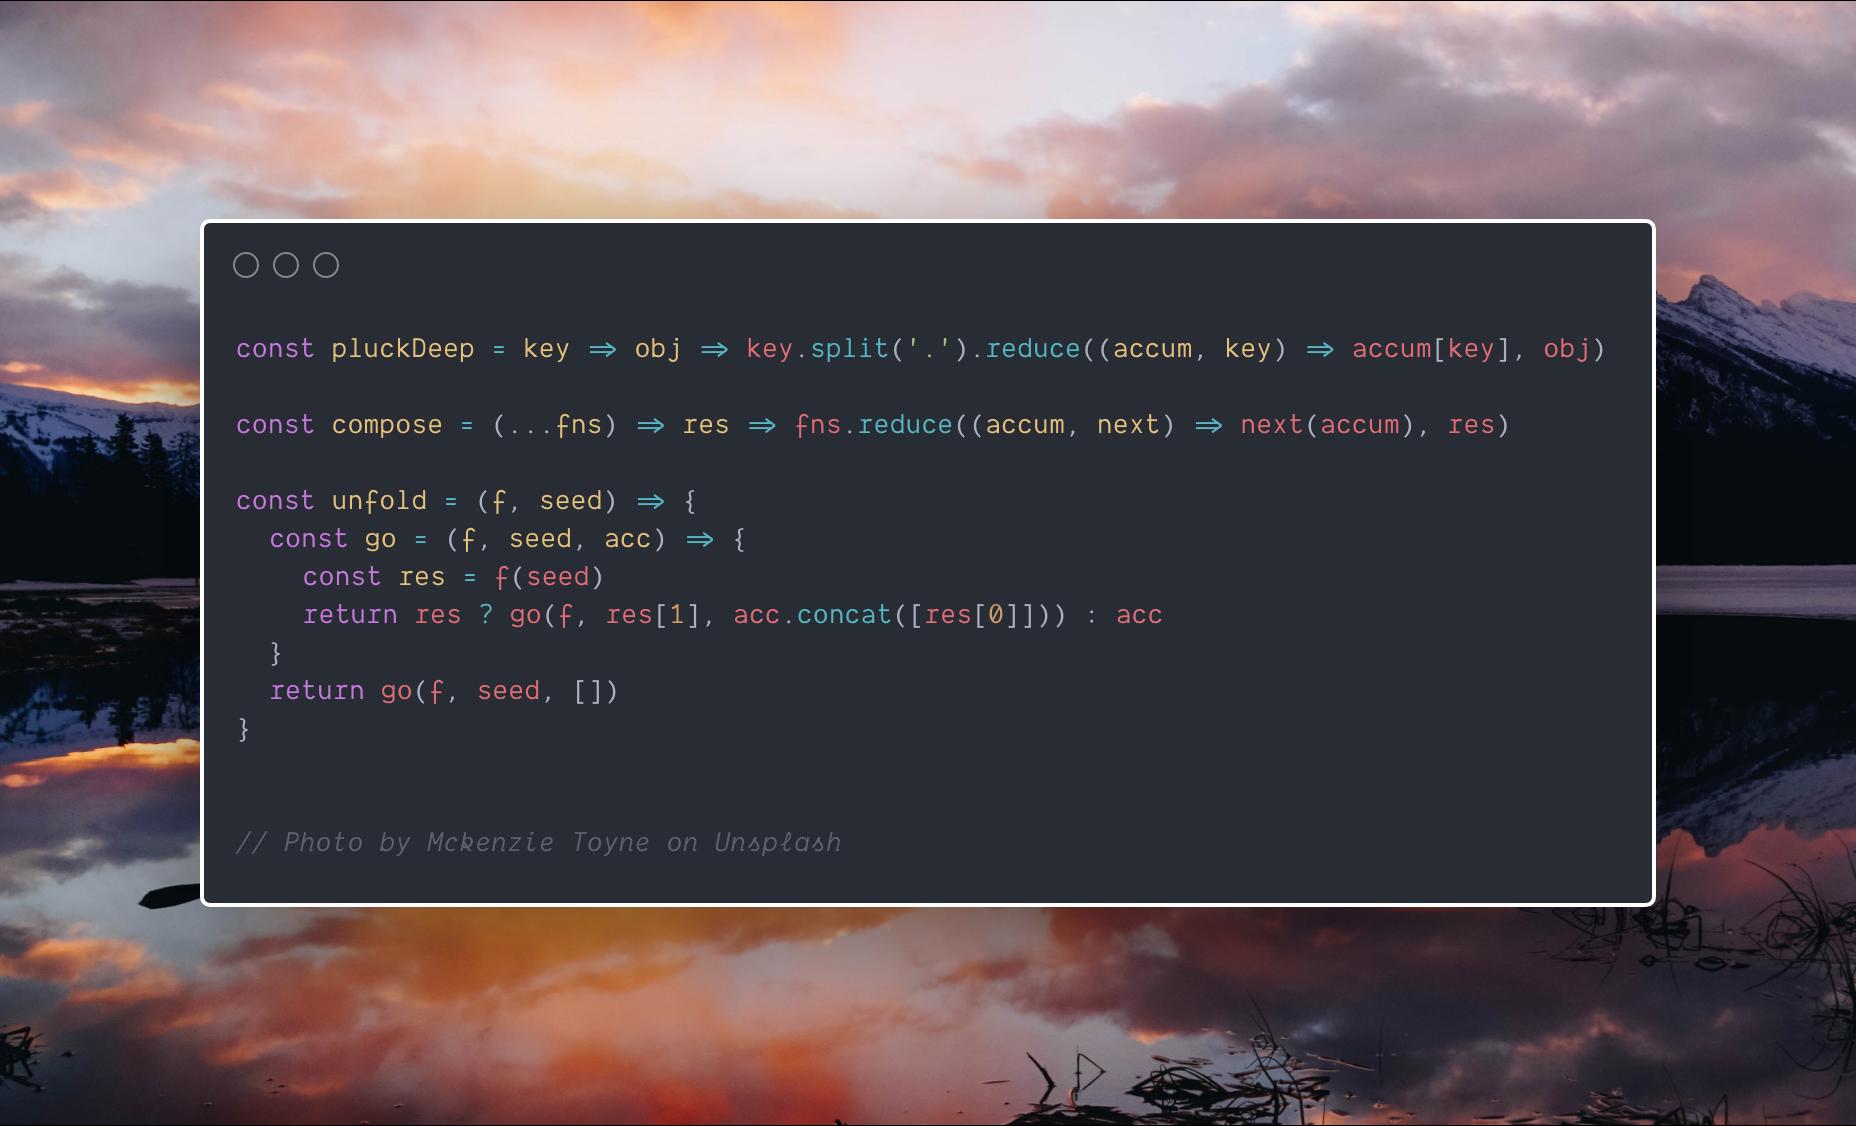 carbon-app/carbon - создание скриншот кода из вашей любимой IDE